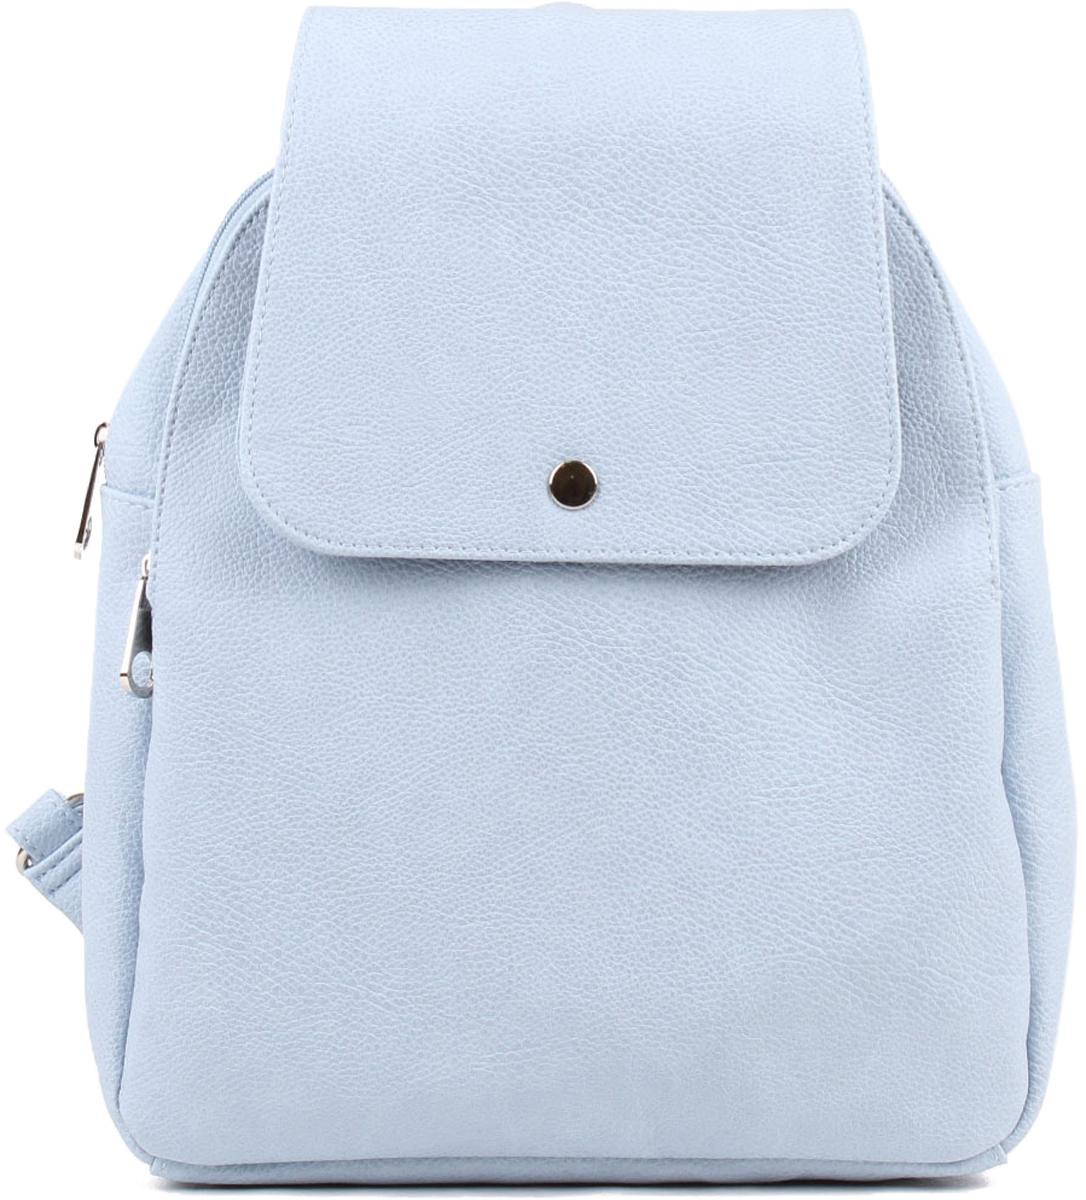 Рюкзак женский Медведково цвет: голубой. 18с3327-к14